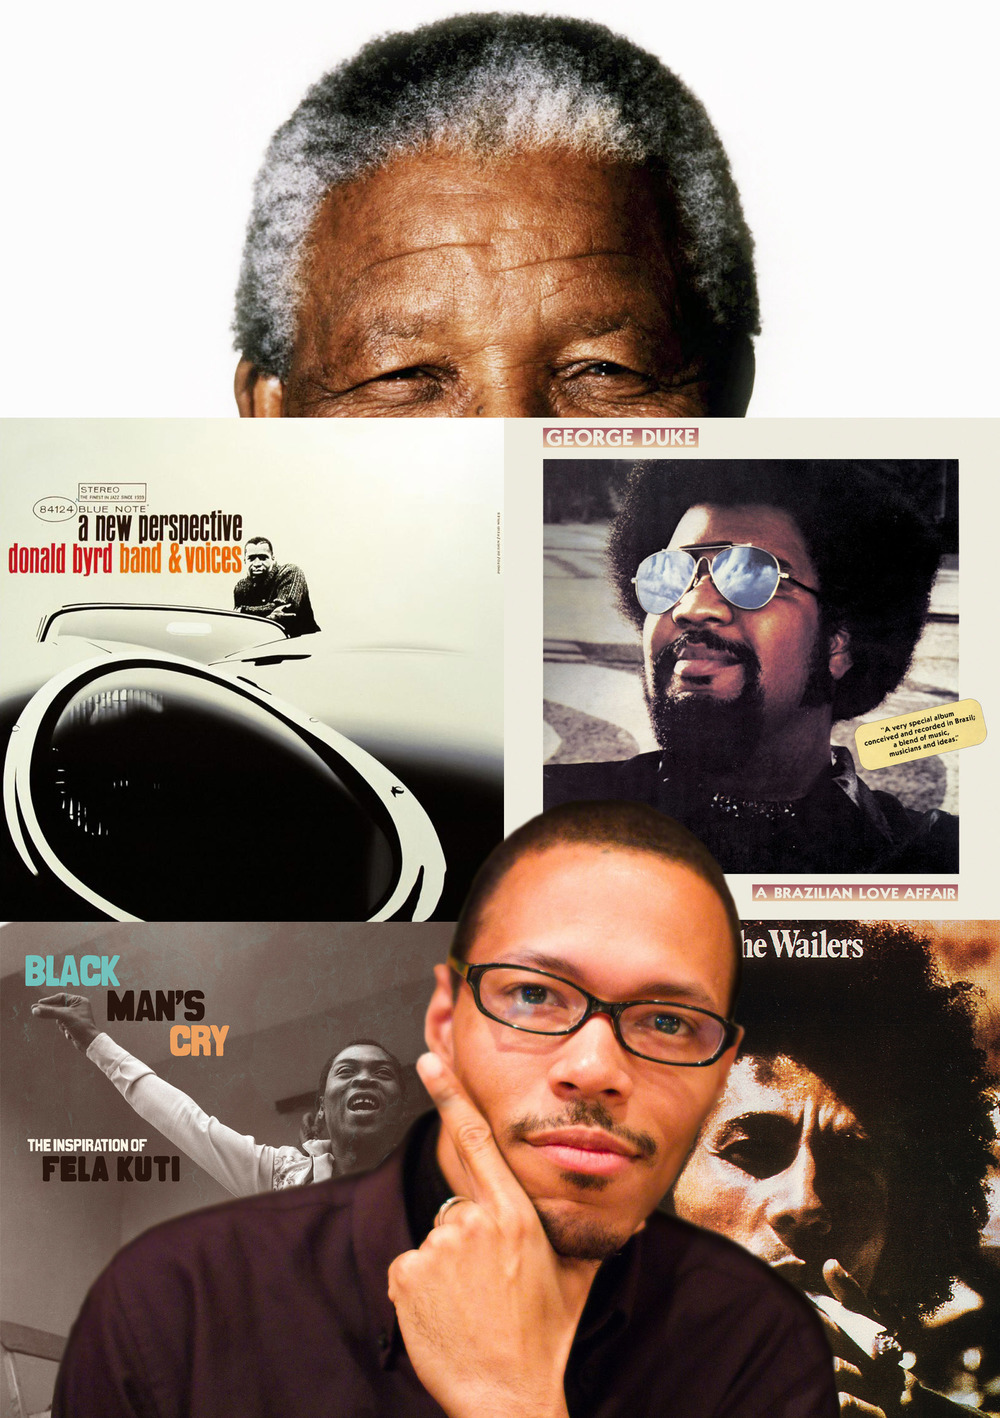 DJ Antomattei Donald Byrd George Duke Nelson Mandela.jpg